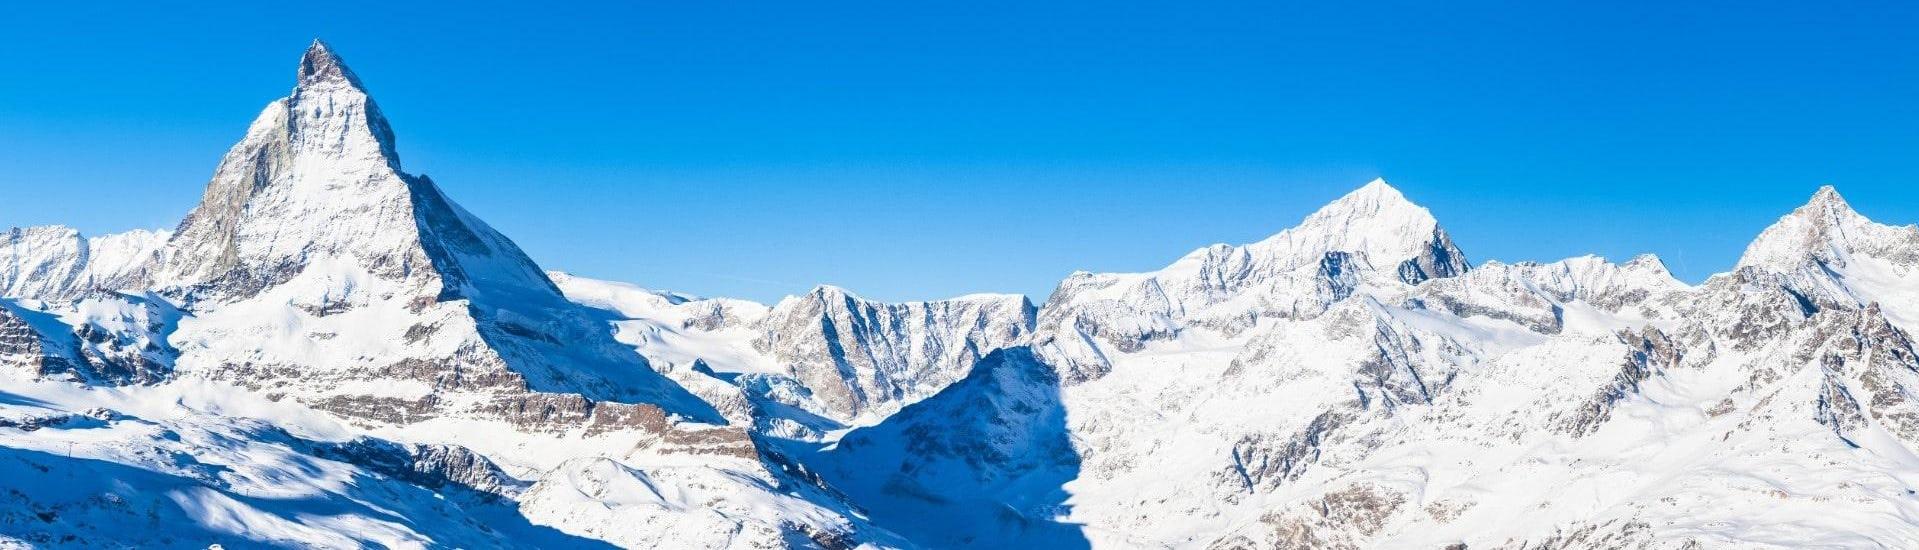 Ausblick auf die sonnige Berglandschaft beim Skifahren lernen mit den Skischulen in Zermatt.